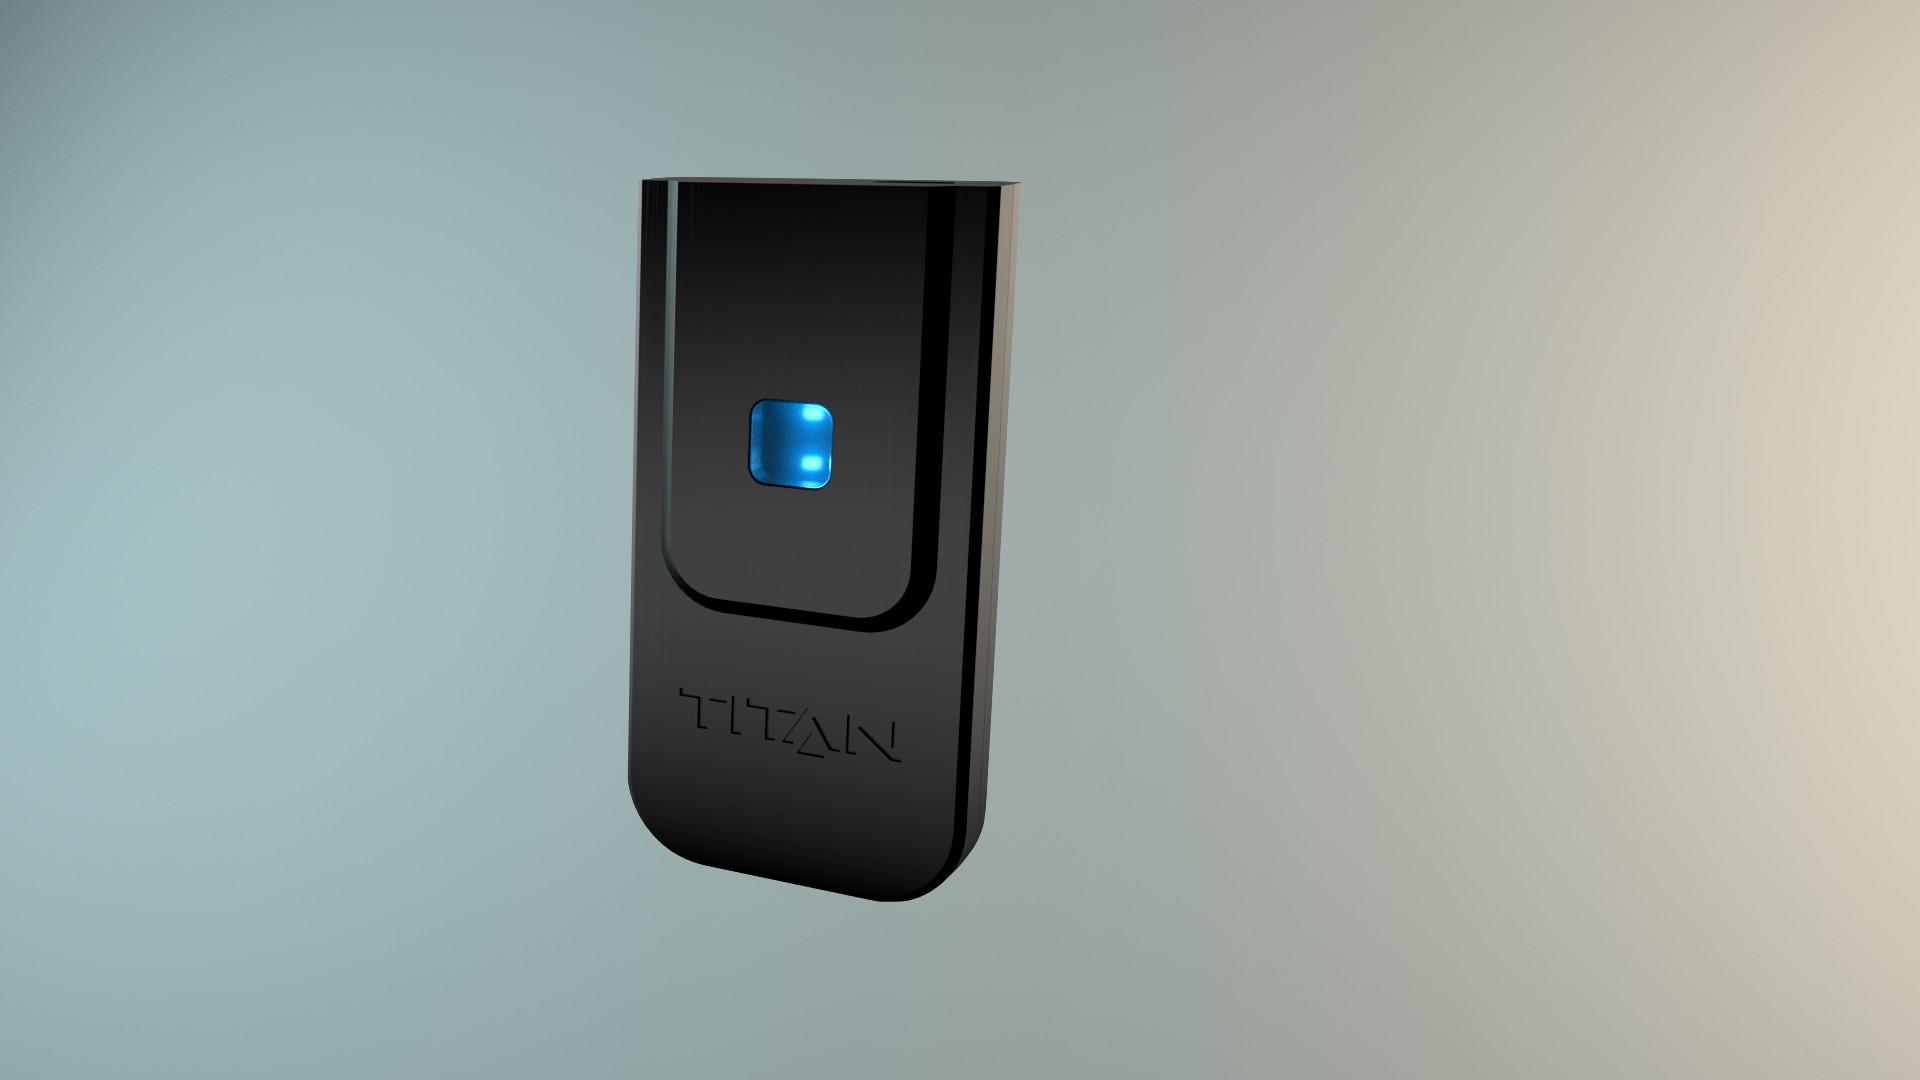 titancenter0